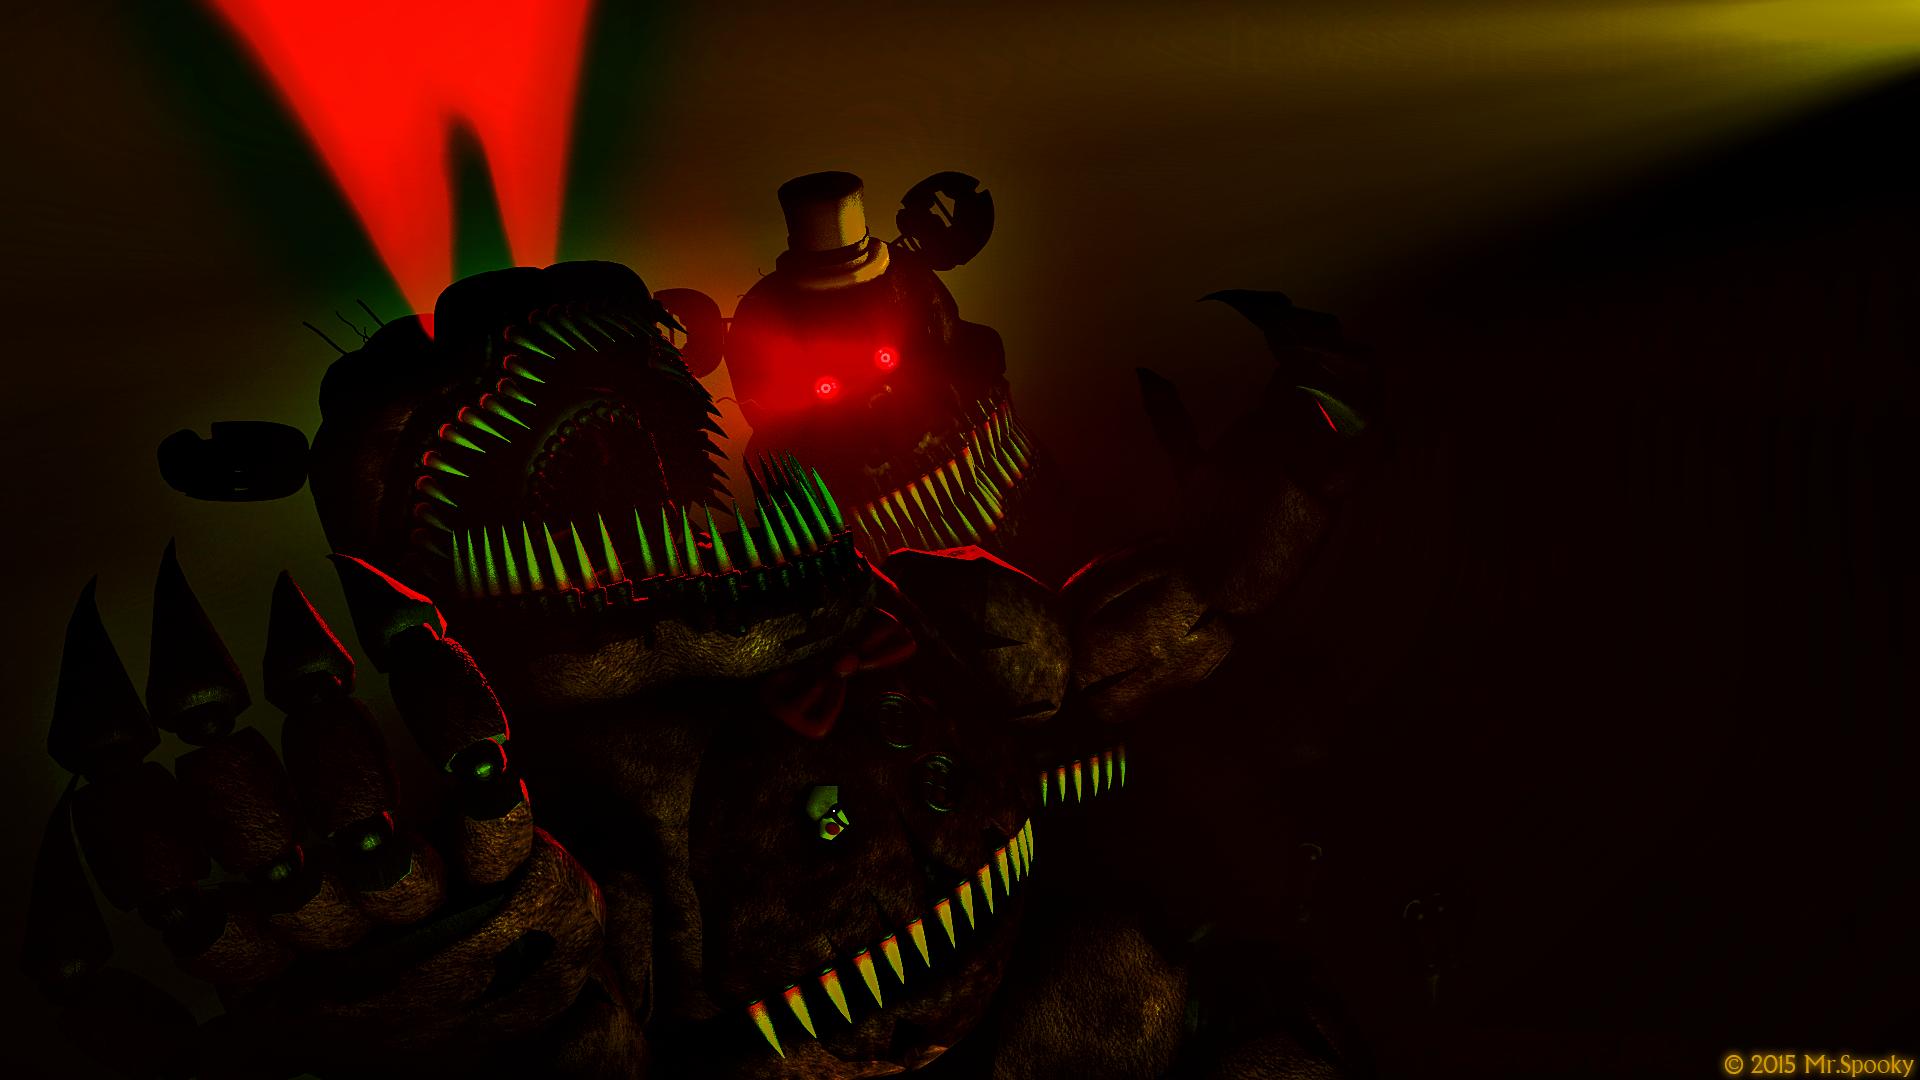 Nightmare Fredbear image - DeathAnquel - Mod DB